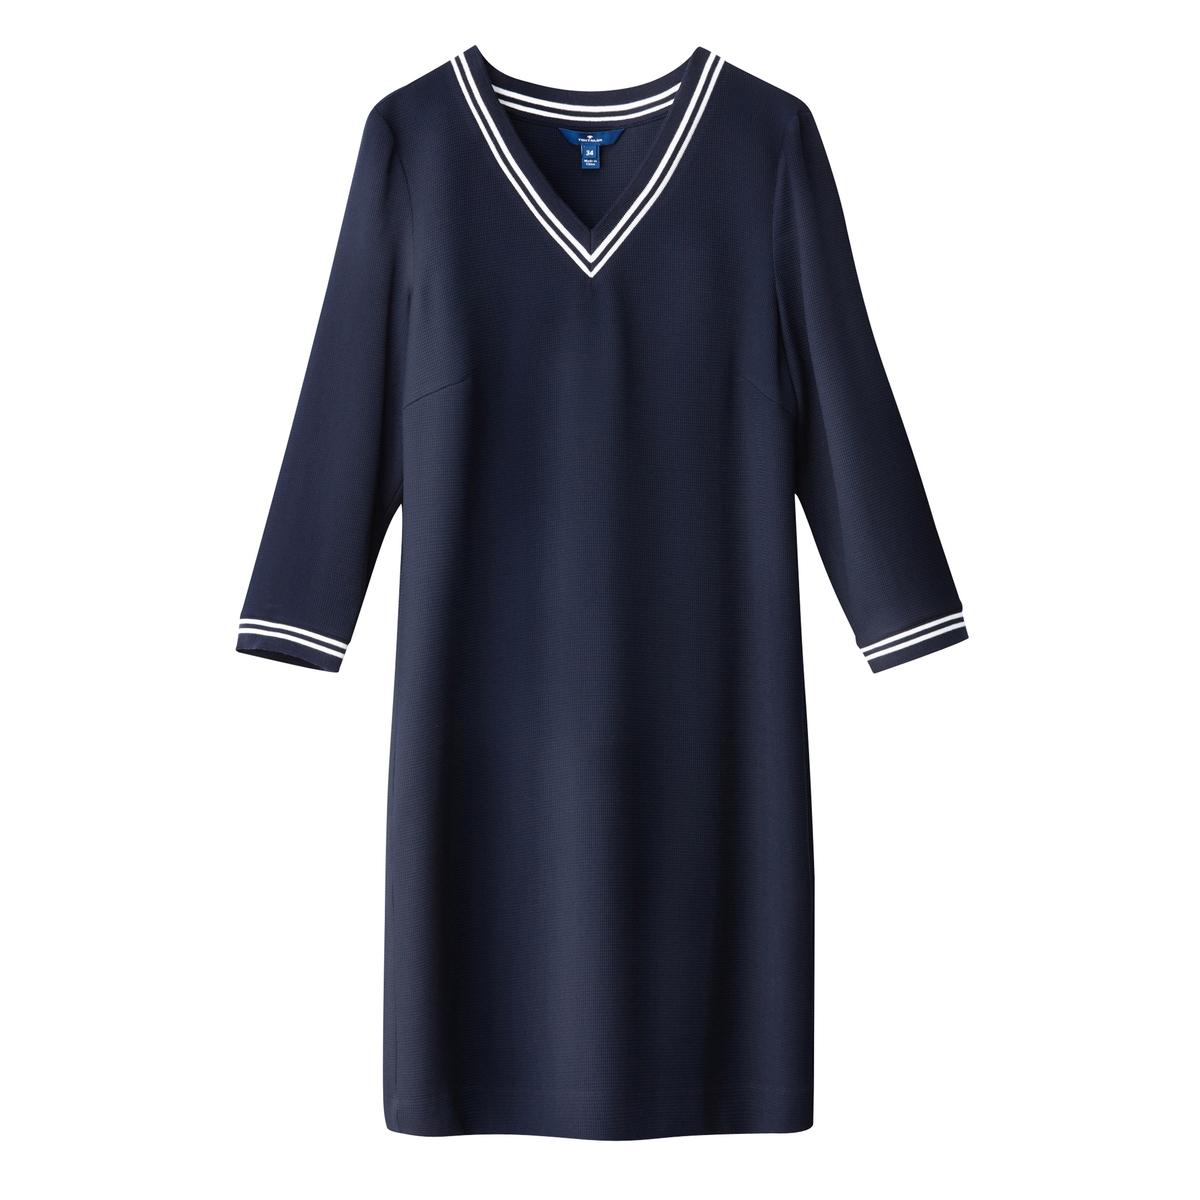 Платье теннисное с рукавами 3/4Детали  •  Форма : мини •  Укороченная модель •  Рукава 3/4    •   V-образный вырез Состав и уход  •  49% вискозы, 3% эластана, 48% полиэстера •  Следуйте рекомендациям по уходу, указанным на этикетке изделия<br><br>Цвет: темно-синий<br>Размер: 40 (FR) - 46 (RUS)